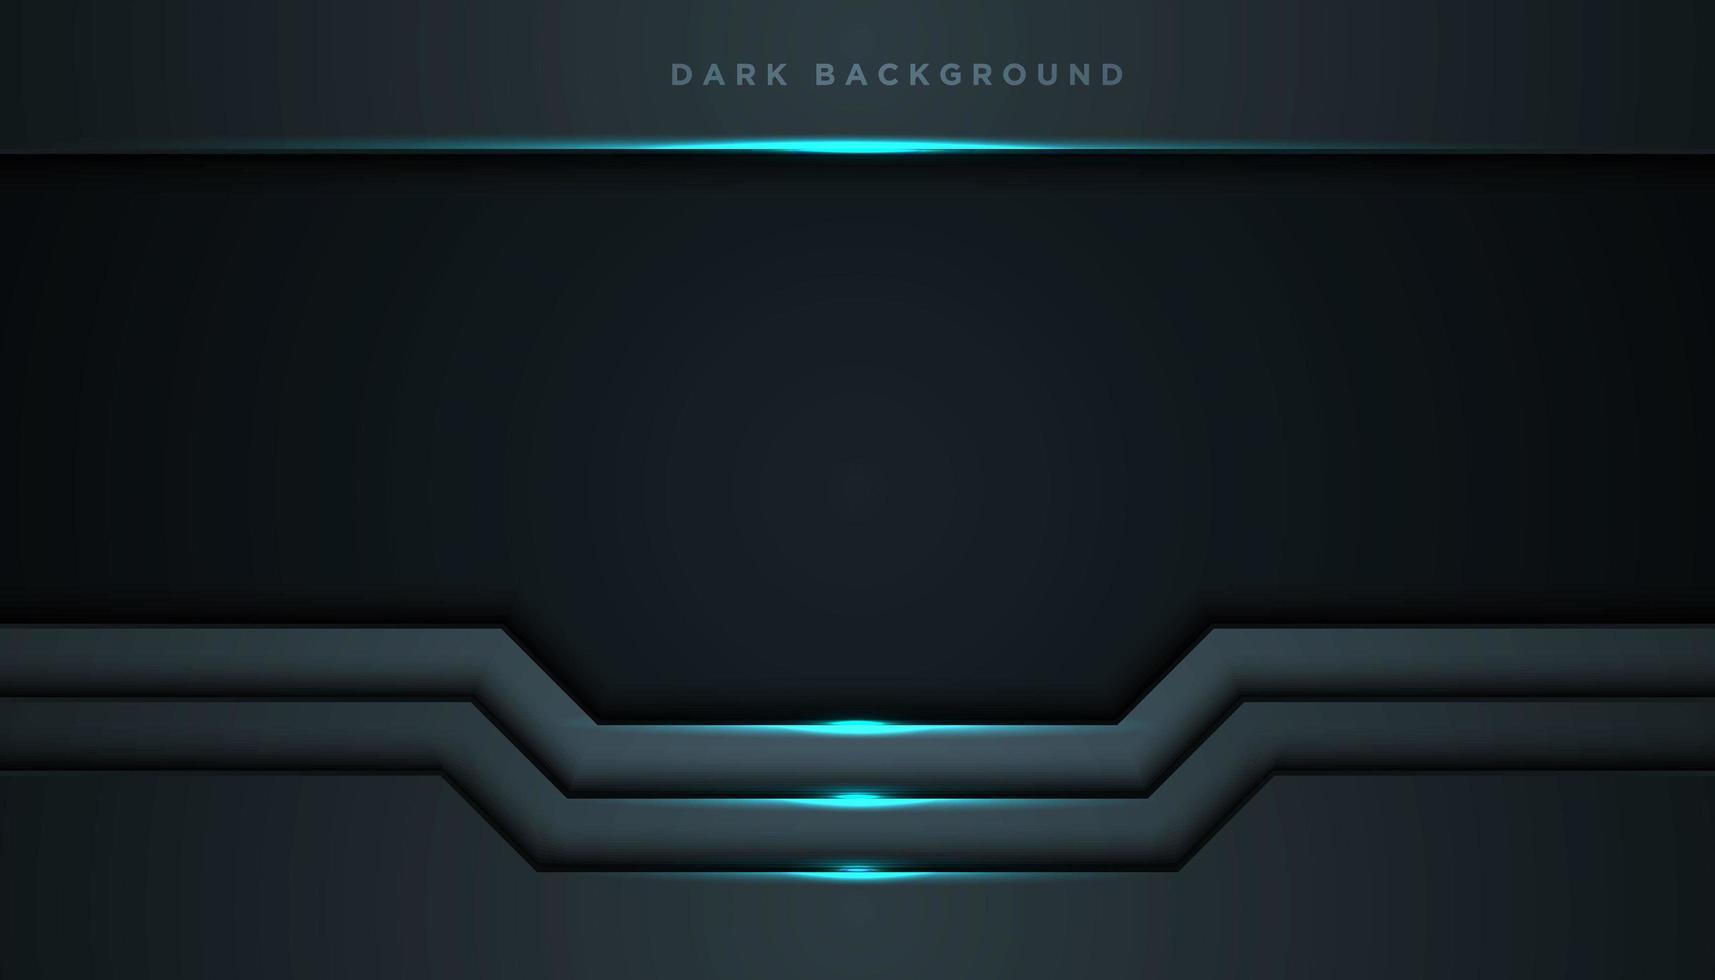 sfondo astratto cornice nera con luce blu incandescente vettore